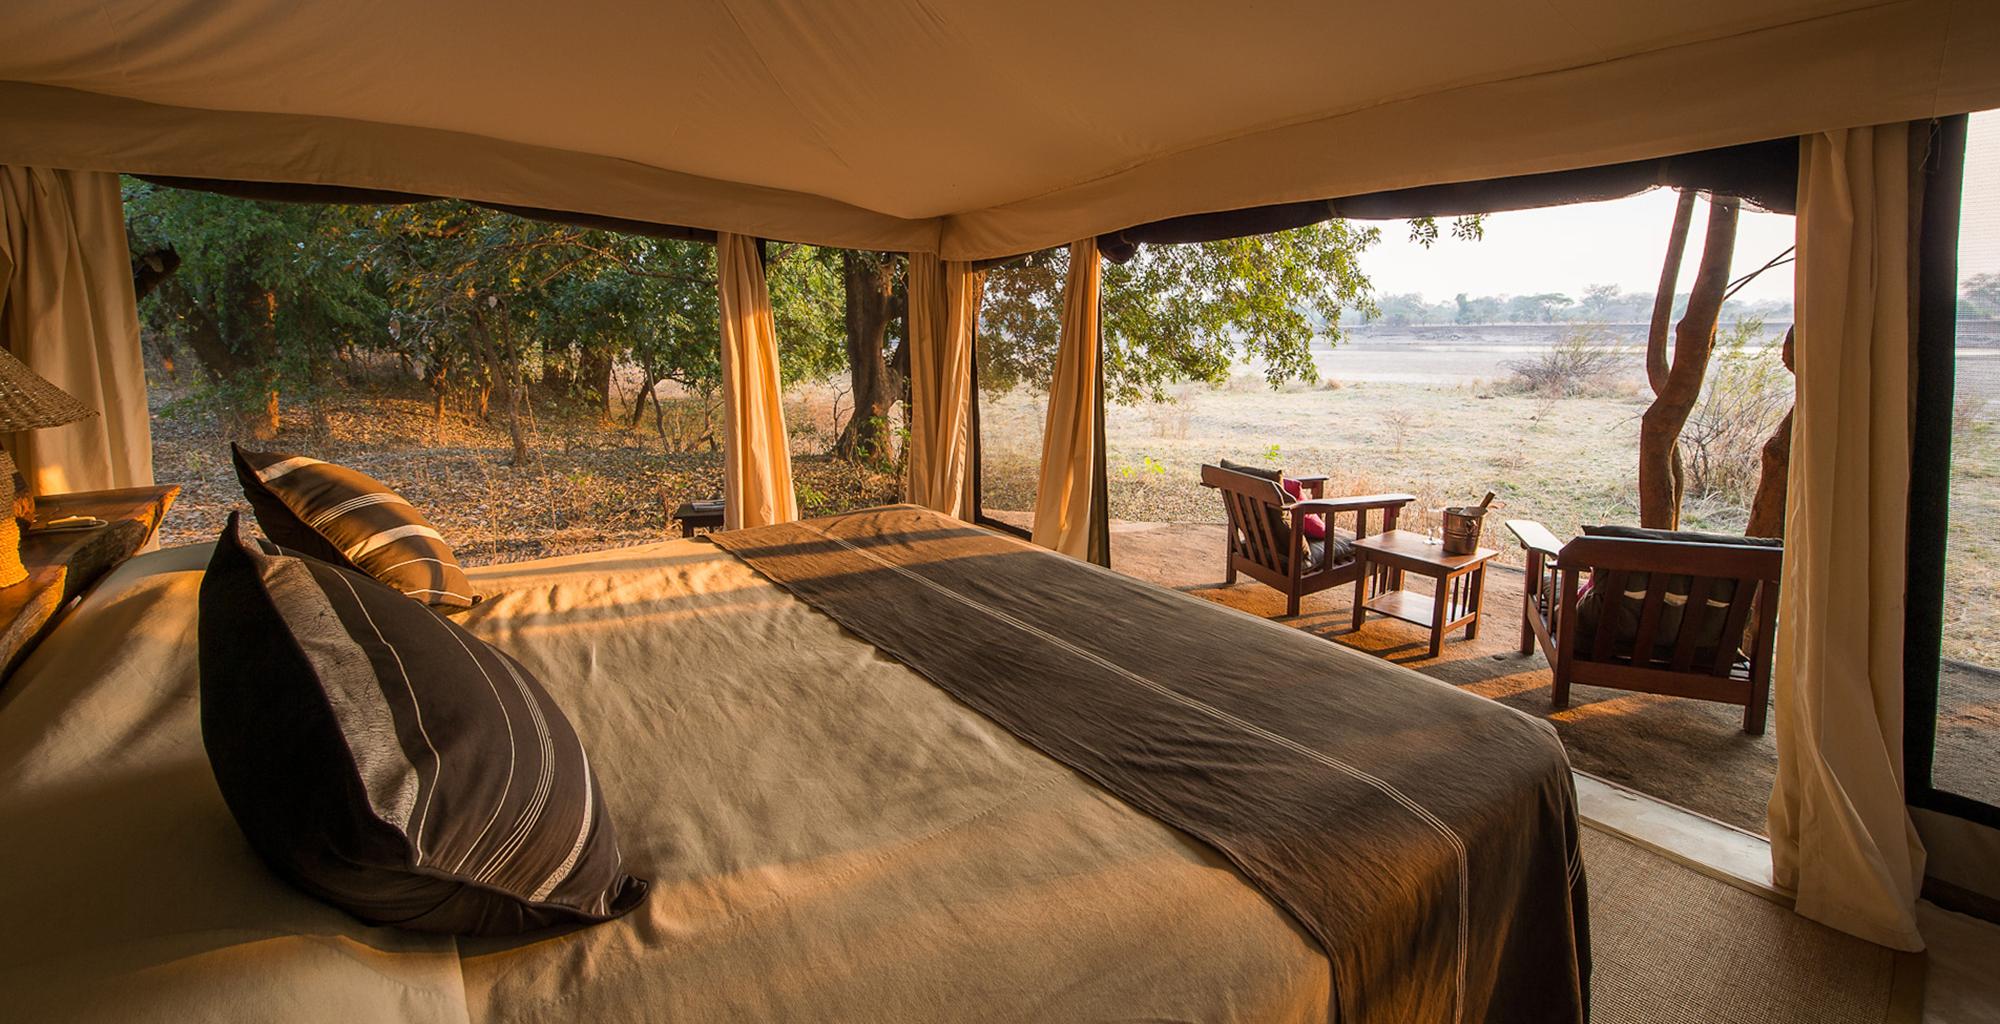 Zambia-Tena-Tena-Bedroom-View